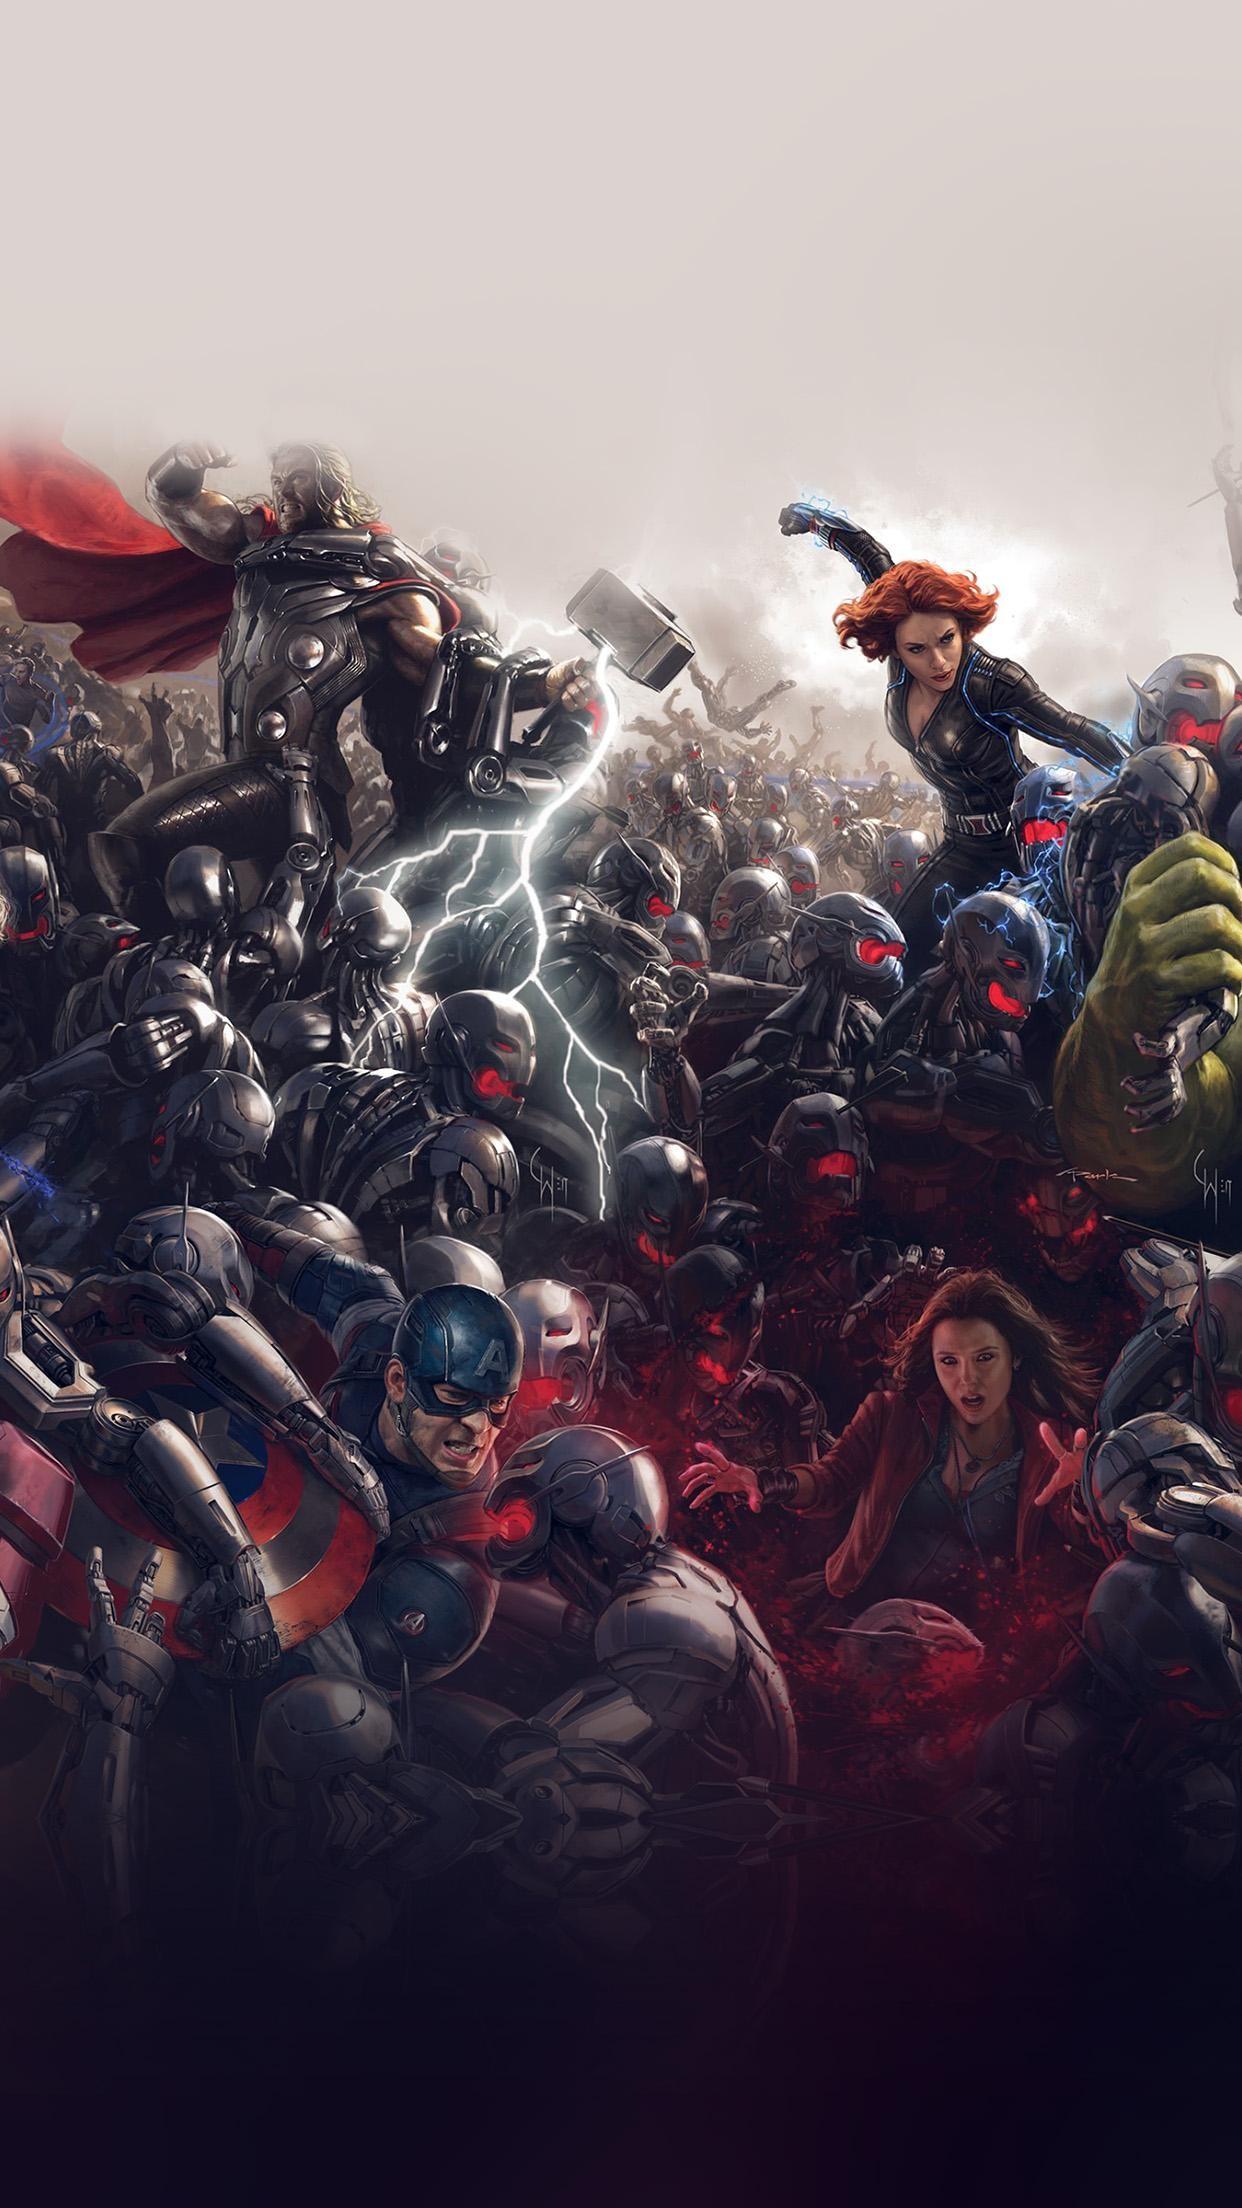 Avengers Marvel Hero Ultron Super Fight Art